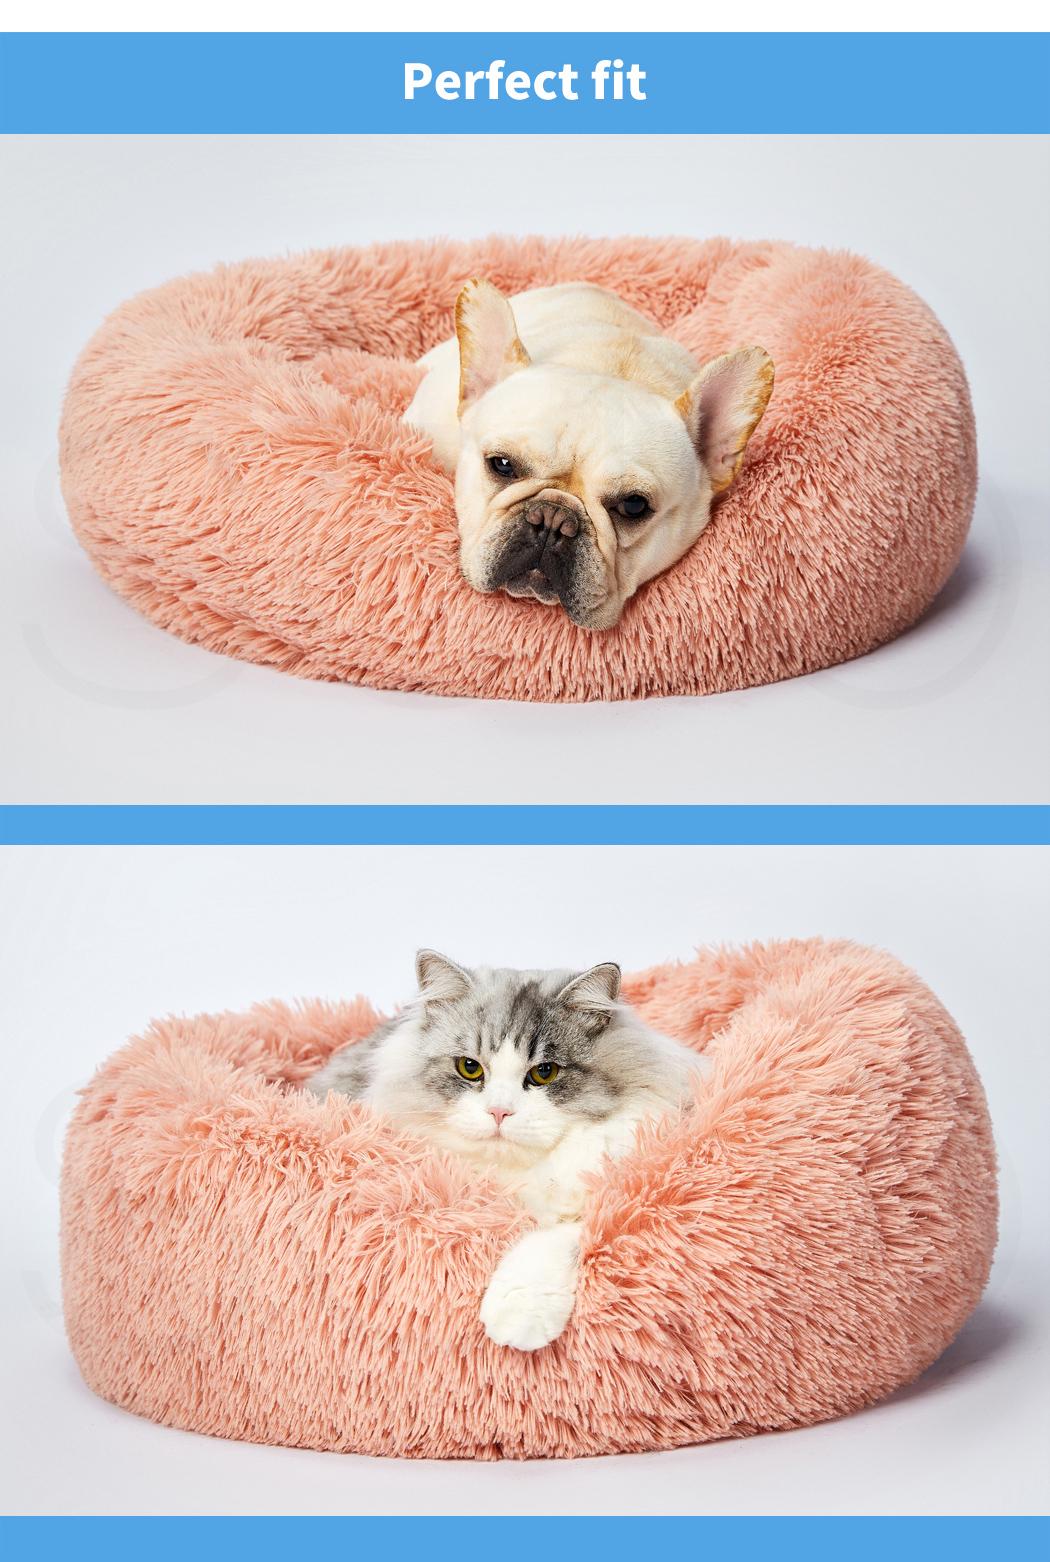 thumbnail 96 - PaWz Pet Bed Cat Dog Donut Nest Calming Mat Soft Plush Kennel Cave Deep Sleeping